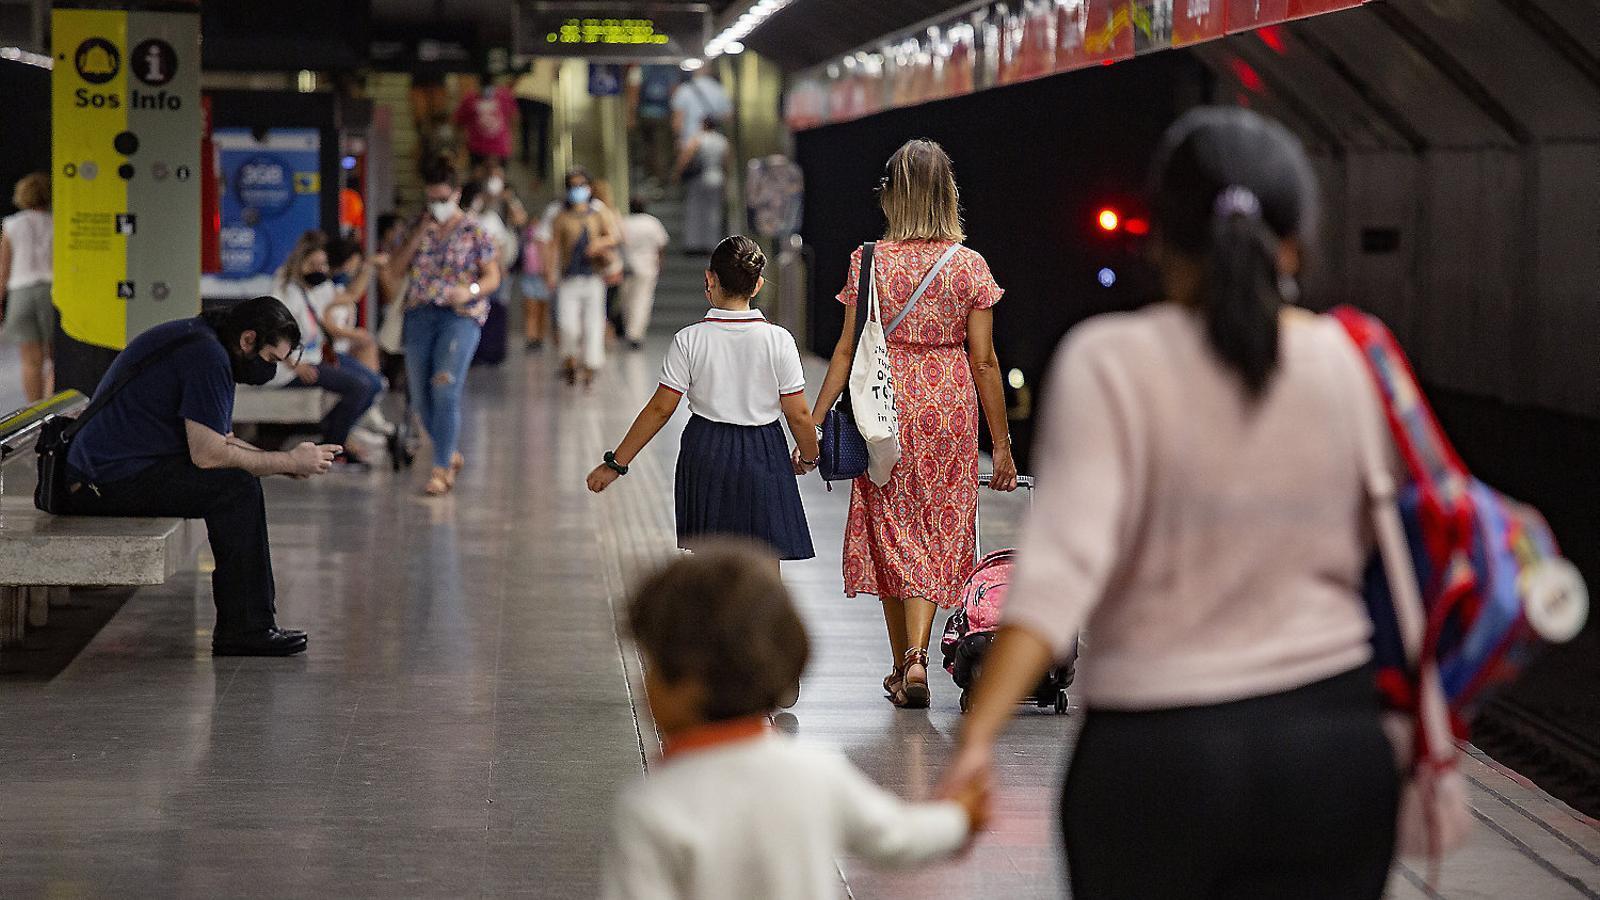 Usuaris del metro aquest dijous a l'hora punta del matí a l'estació de La Sagrera.